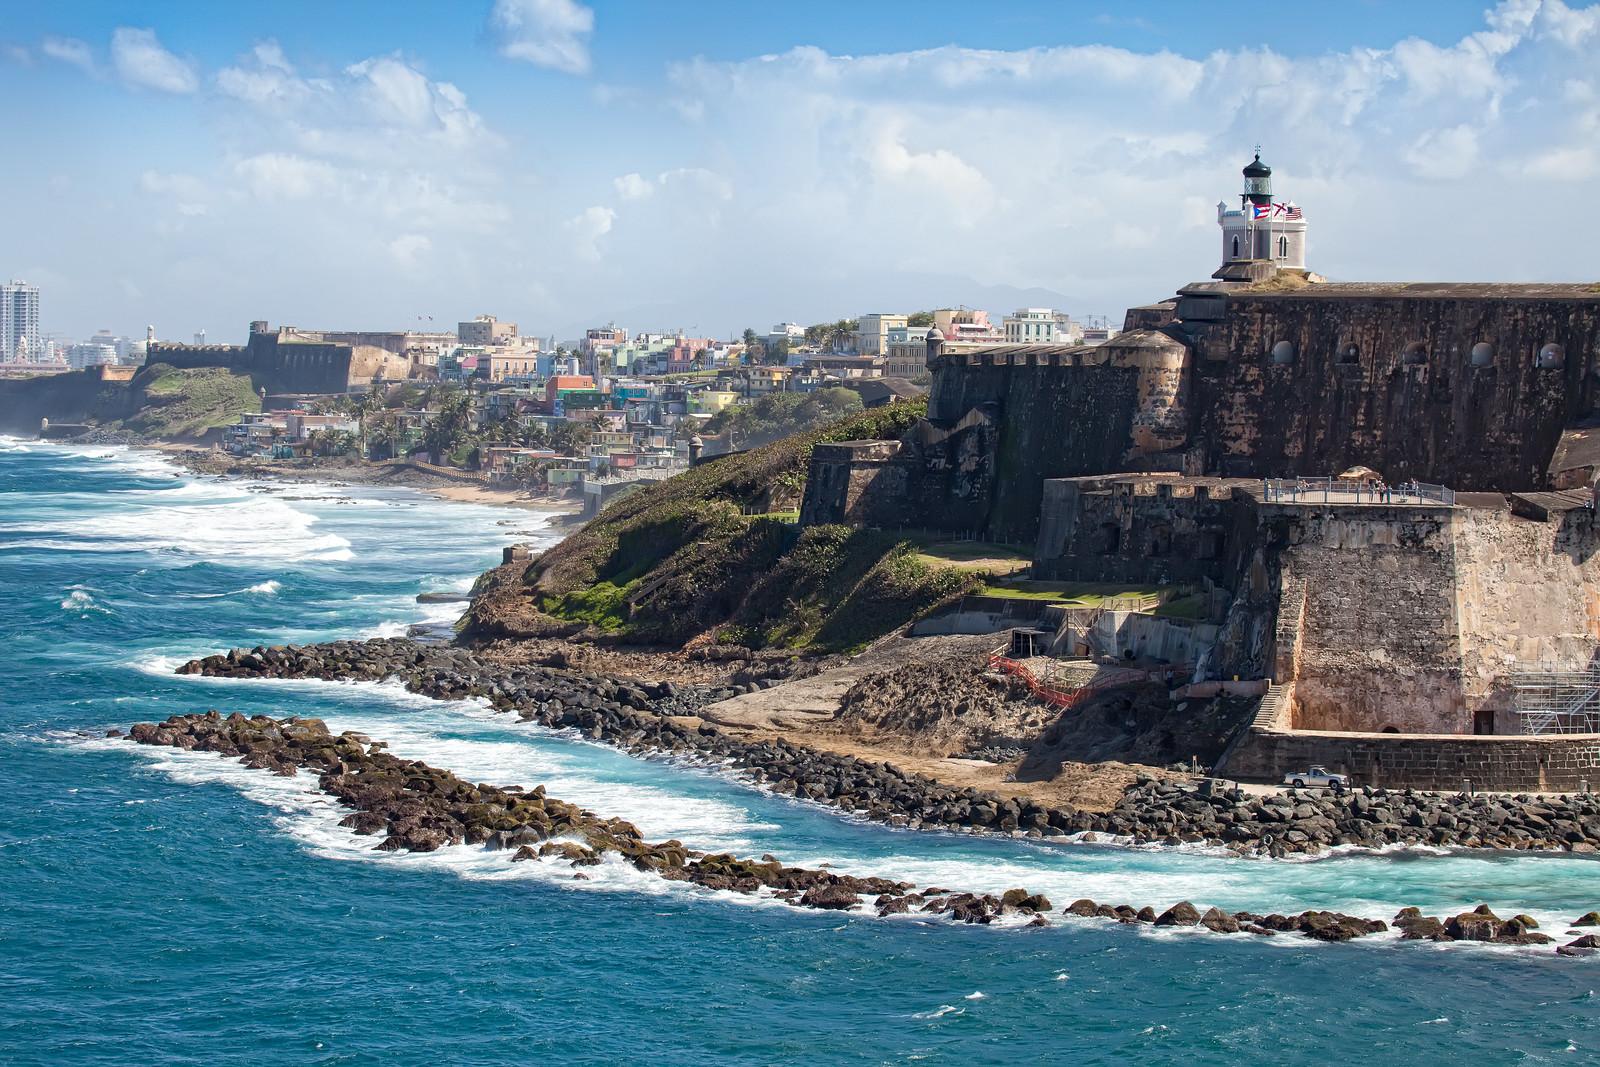 El Morro Castle in Old San Juan, Puerto Rico